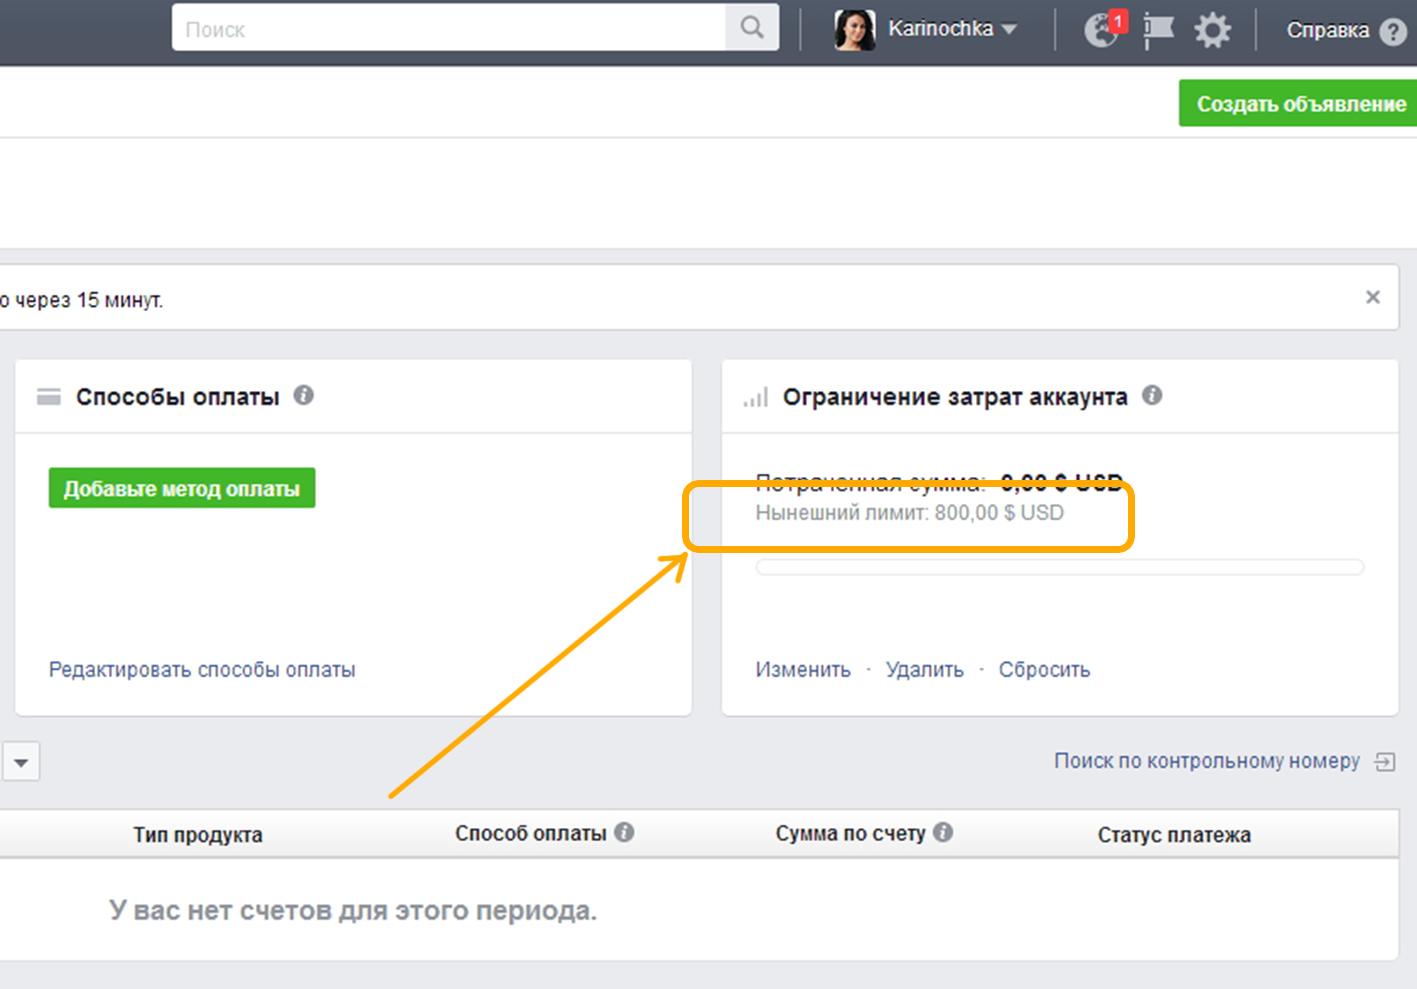 Окно меню управлением затратами рекламного аккаунта Фейсбук и изменившаяся сумма лимита по затратам менеджера.